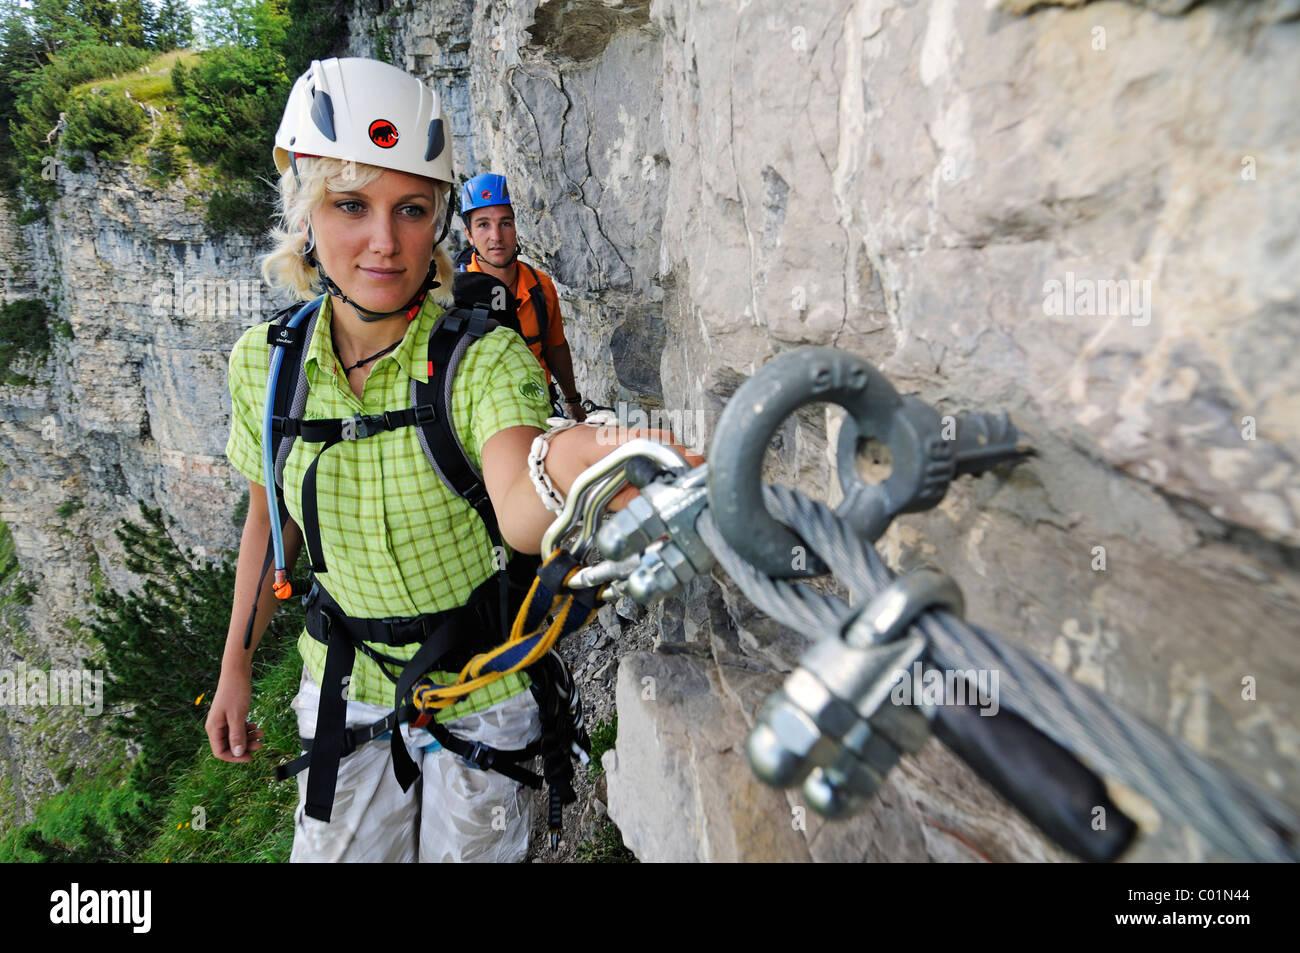 Kletterausrüstung Zermatt : Kletterausrüstung stockfotos bilder alamy